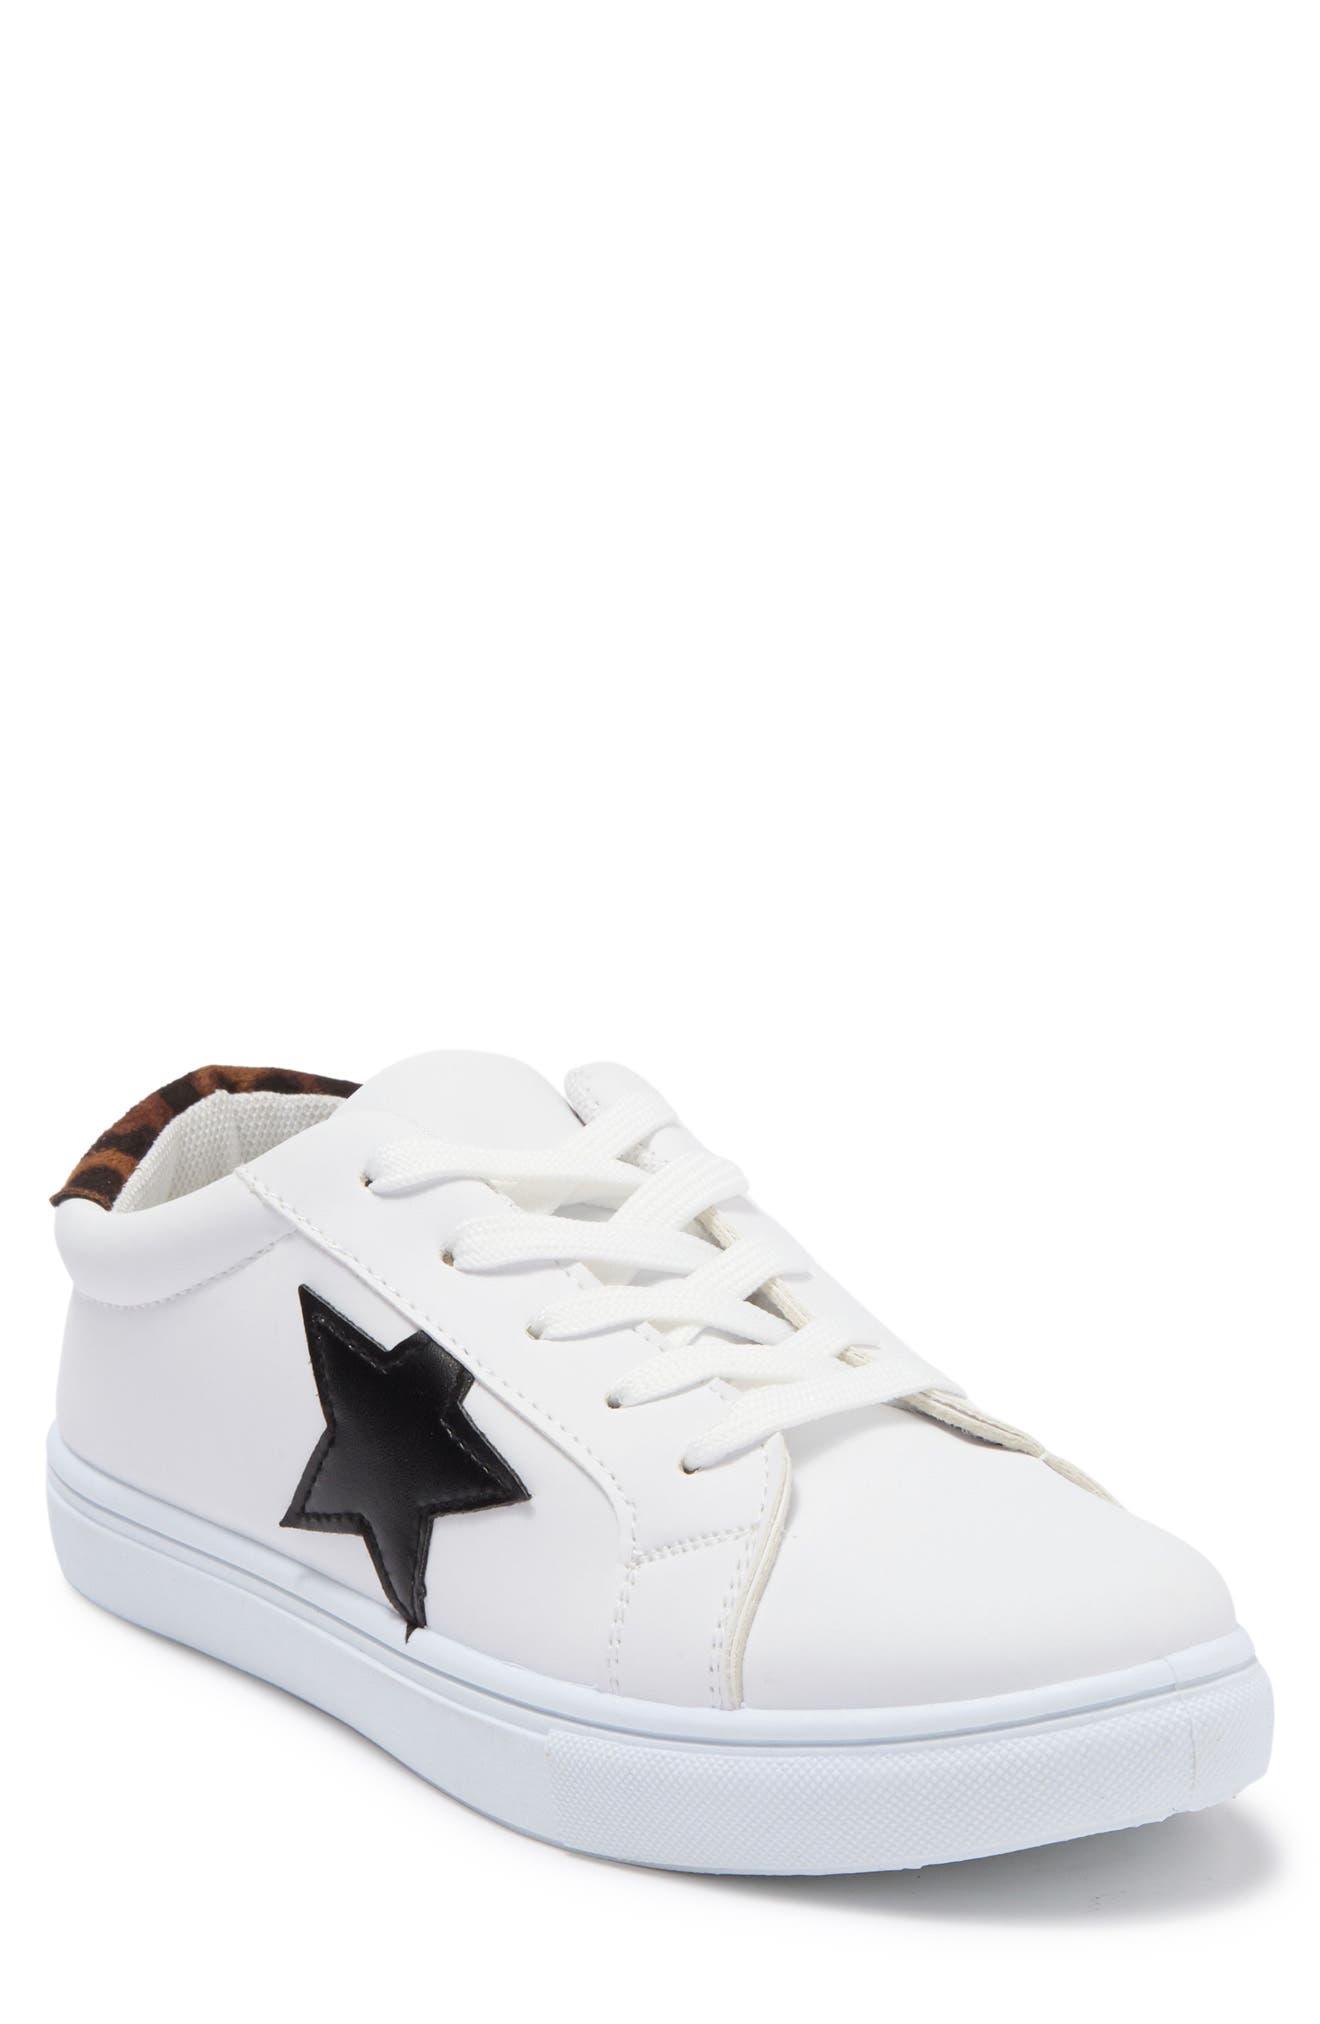 Image of C & C California Emily Low Top Sneaker